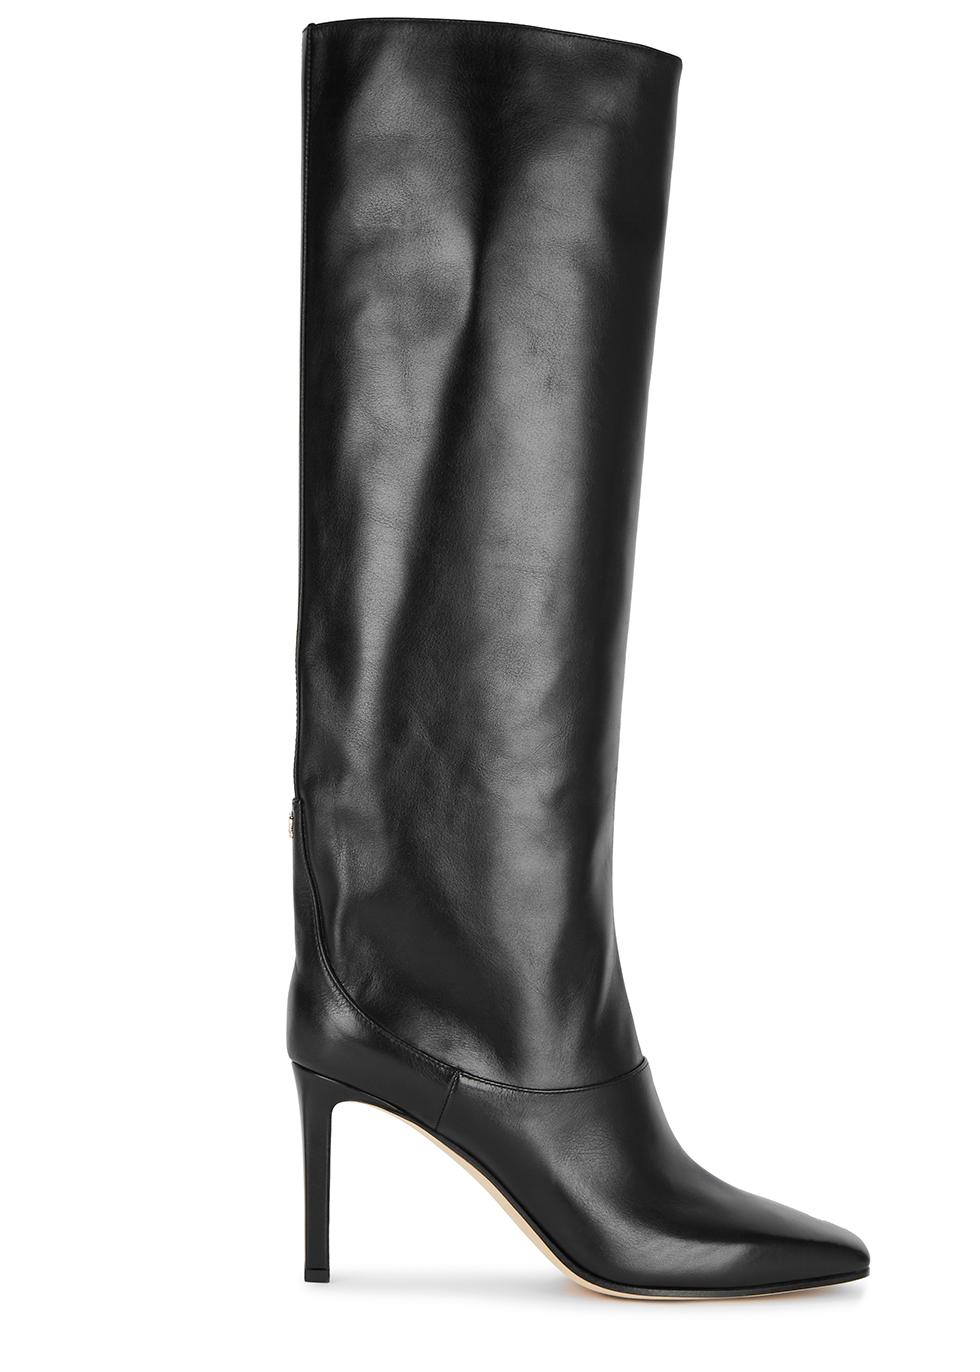 Mahesa 85 black leather knee high boots